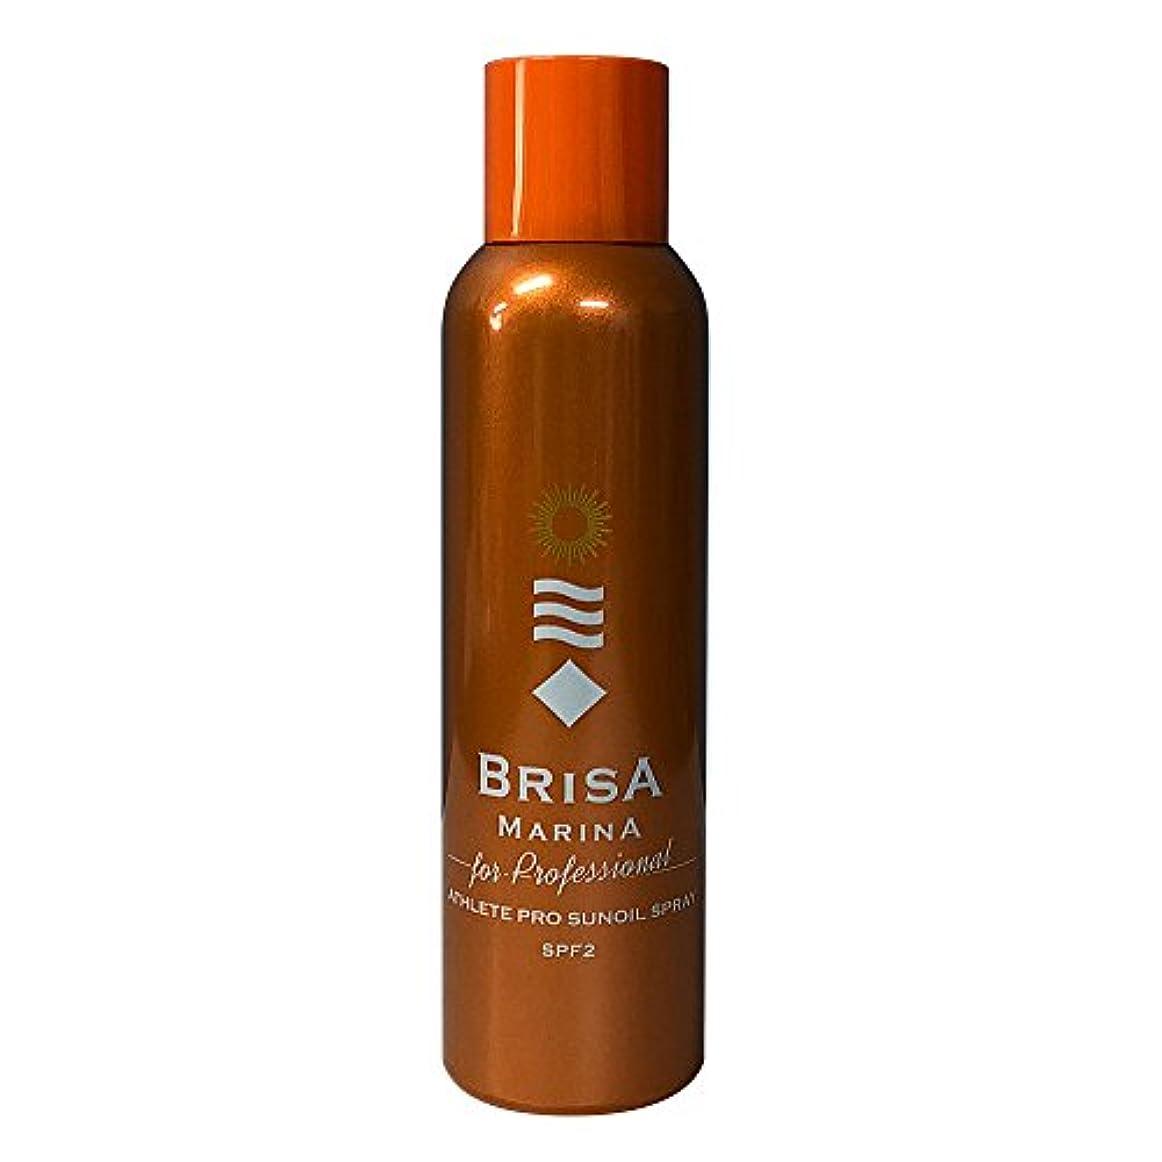 手術アラブ面積BRISA MARINA(ブリサ マリーナ) アスリートプロ サンオイルスプレー [SPF2] Professional Edition [アスリートプロ 日焼け用スプレー] Z-0CBM0016610